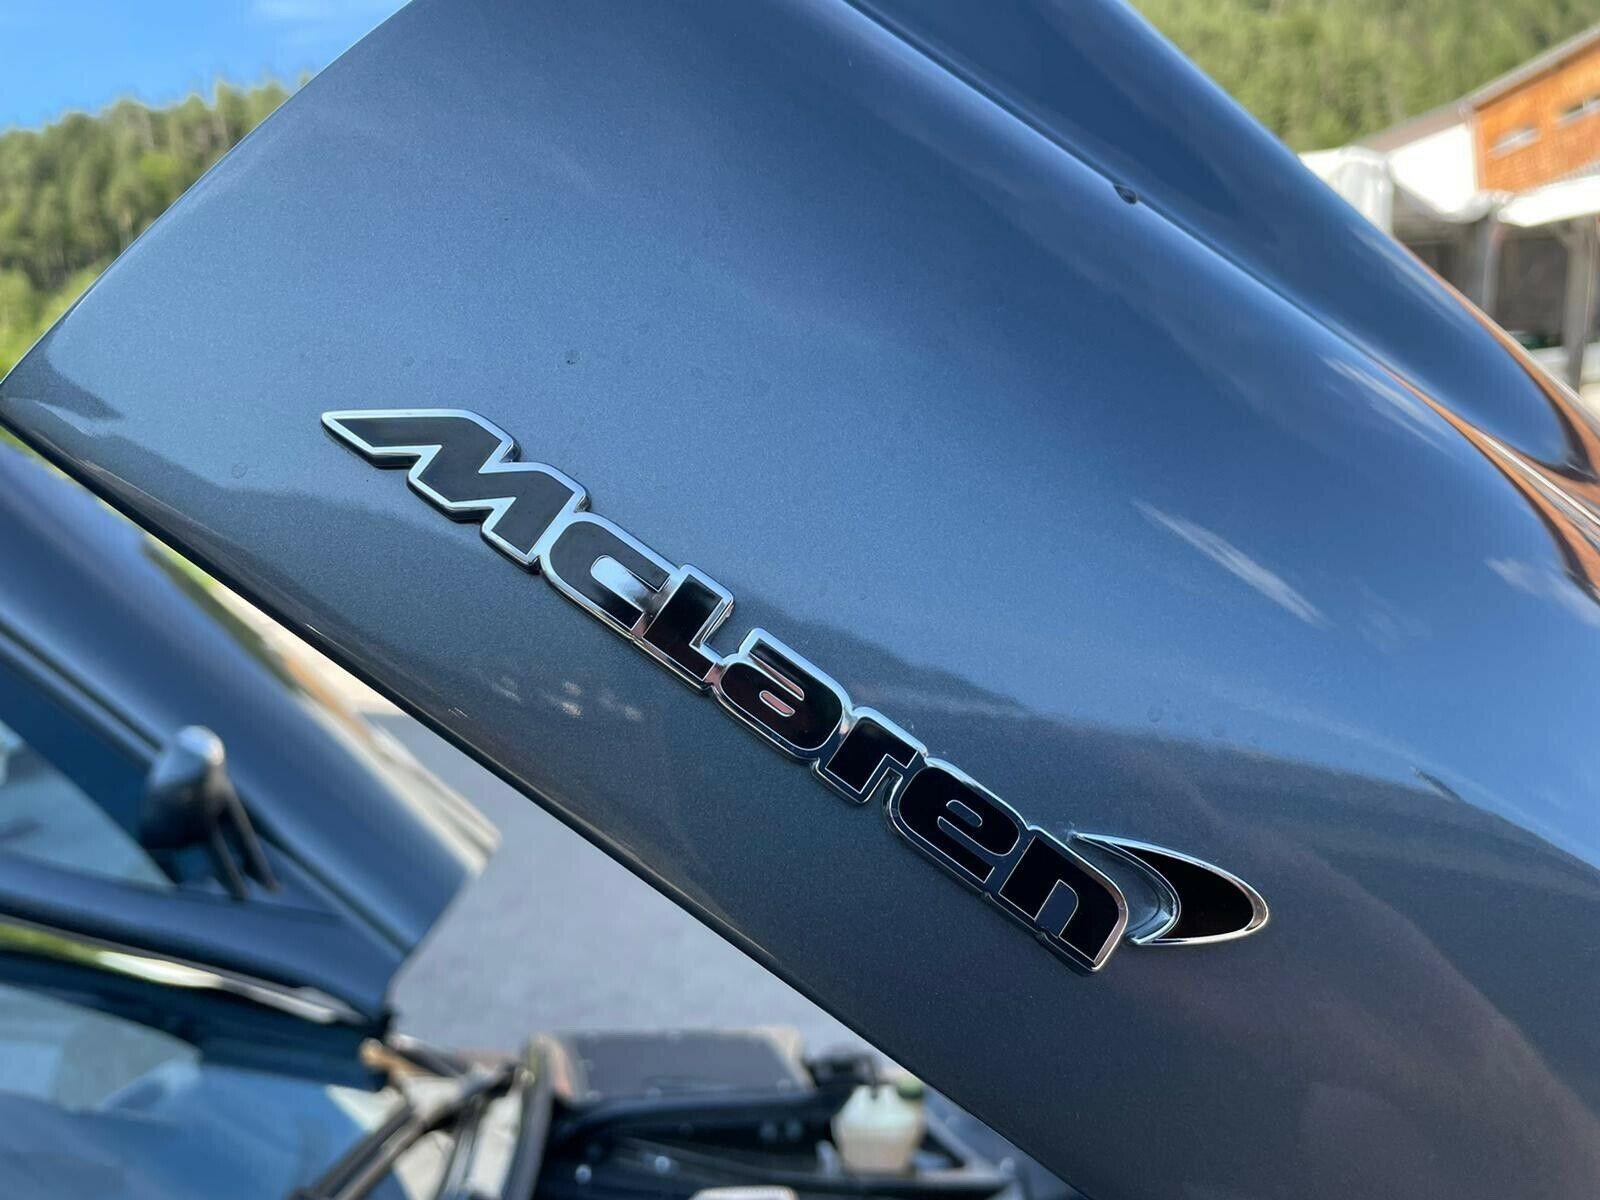 Редкий Mercedes SLR McLaren 722 из Германии